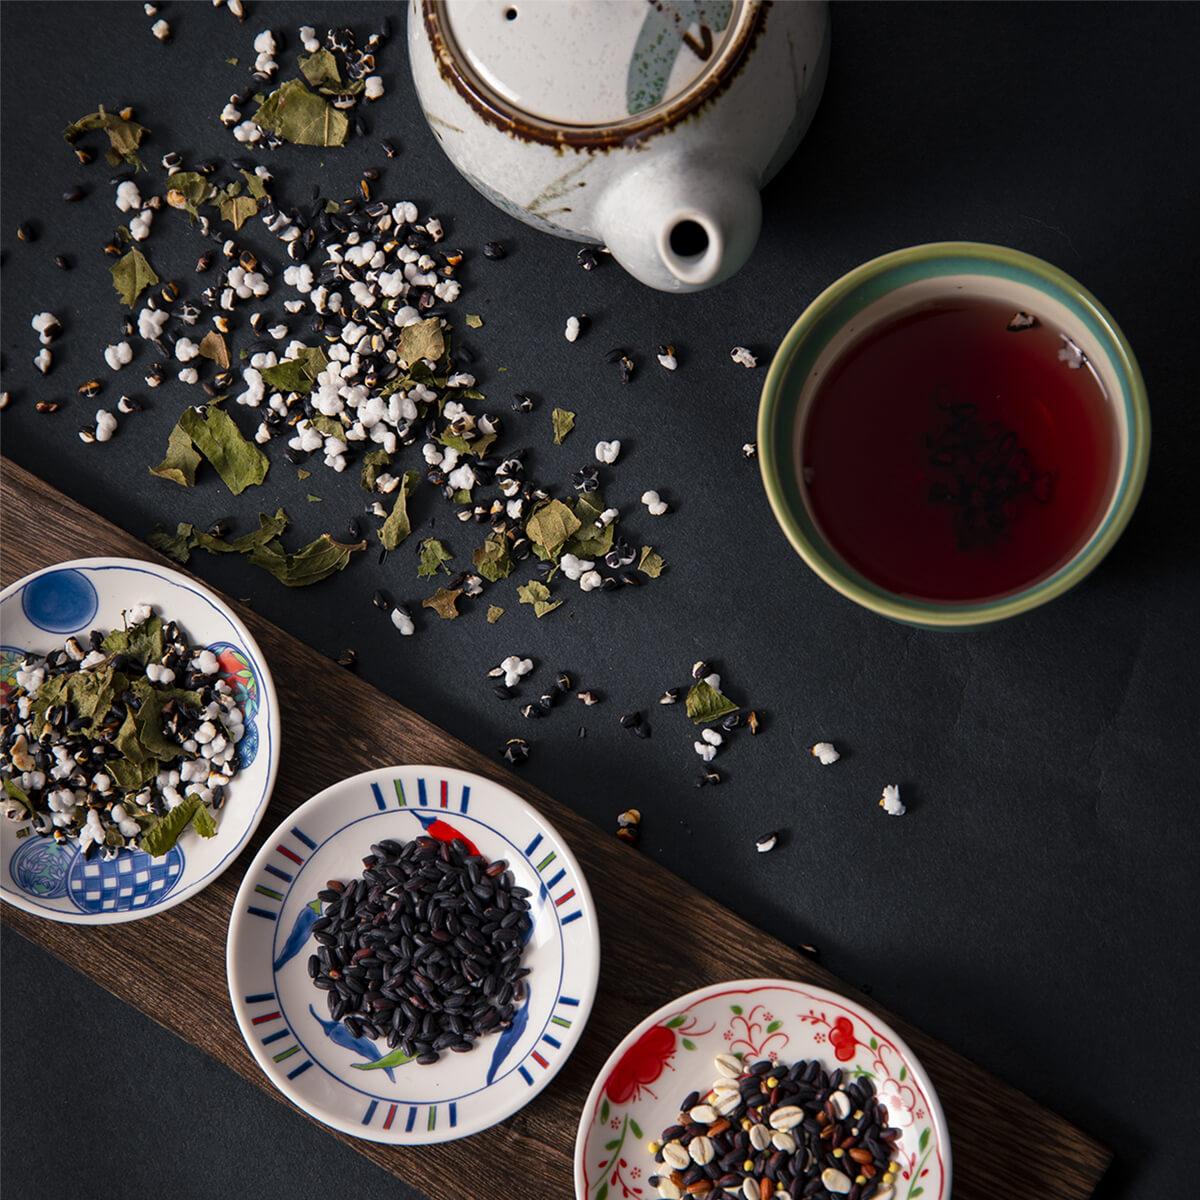 【ふるさと納税】黒米・黒米野草茶・薬膳五穀米のセット